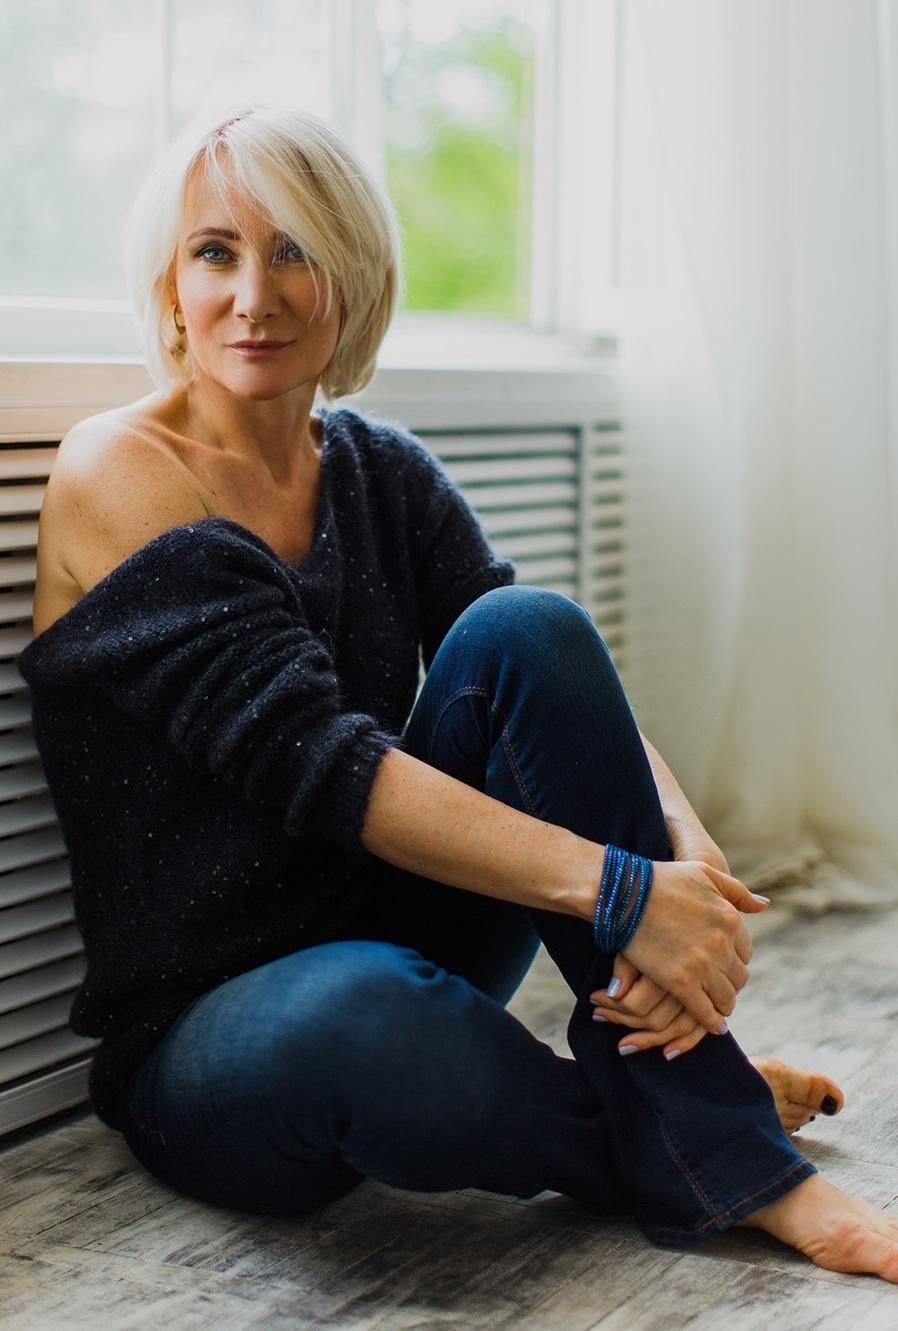 Agence matrimoniale rencontre de Valentina  femme célibataire de 54 ans, Châlon-sur-Saône.